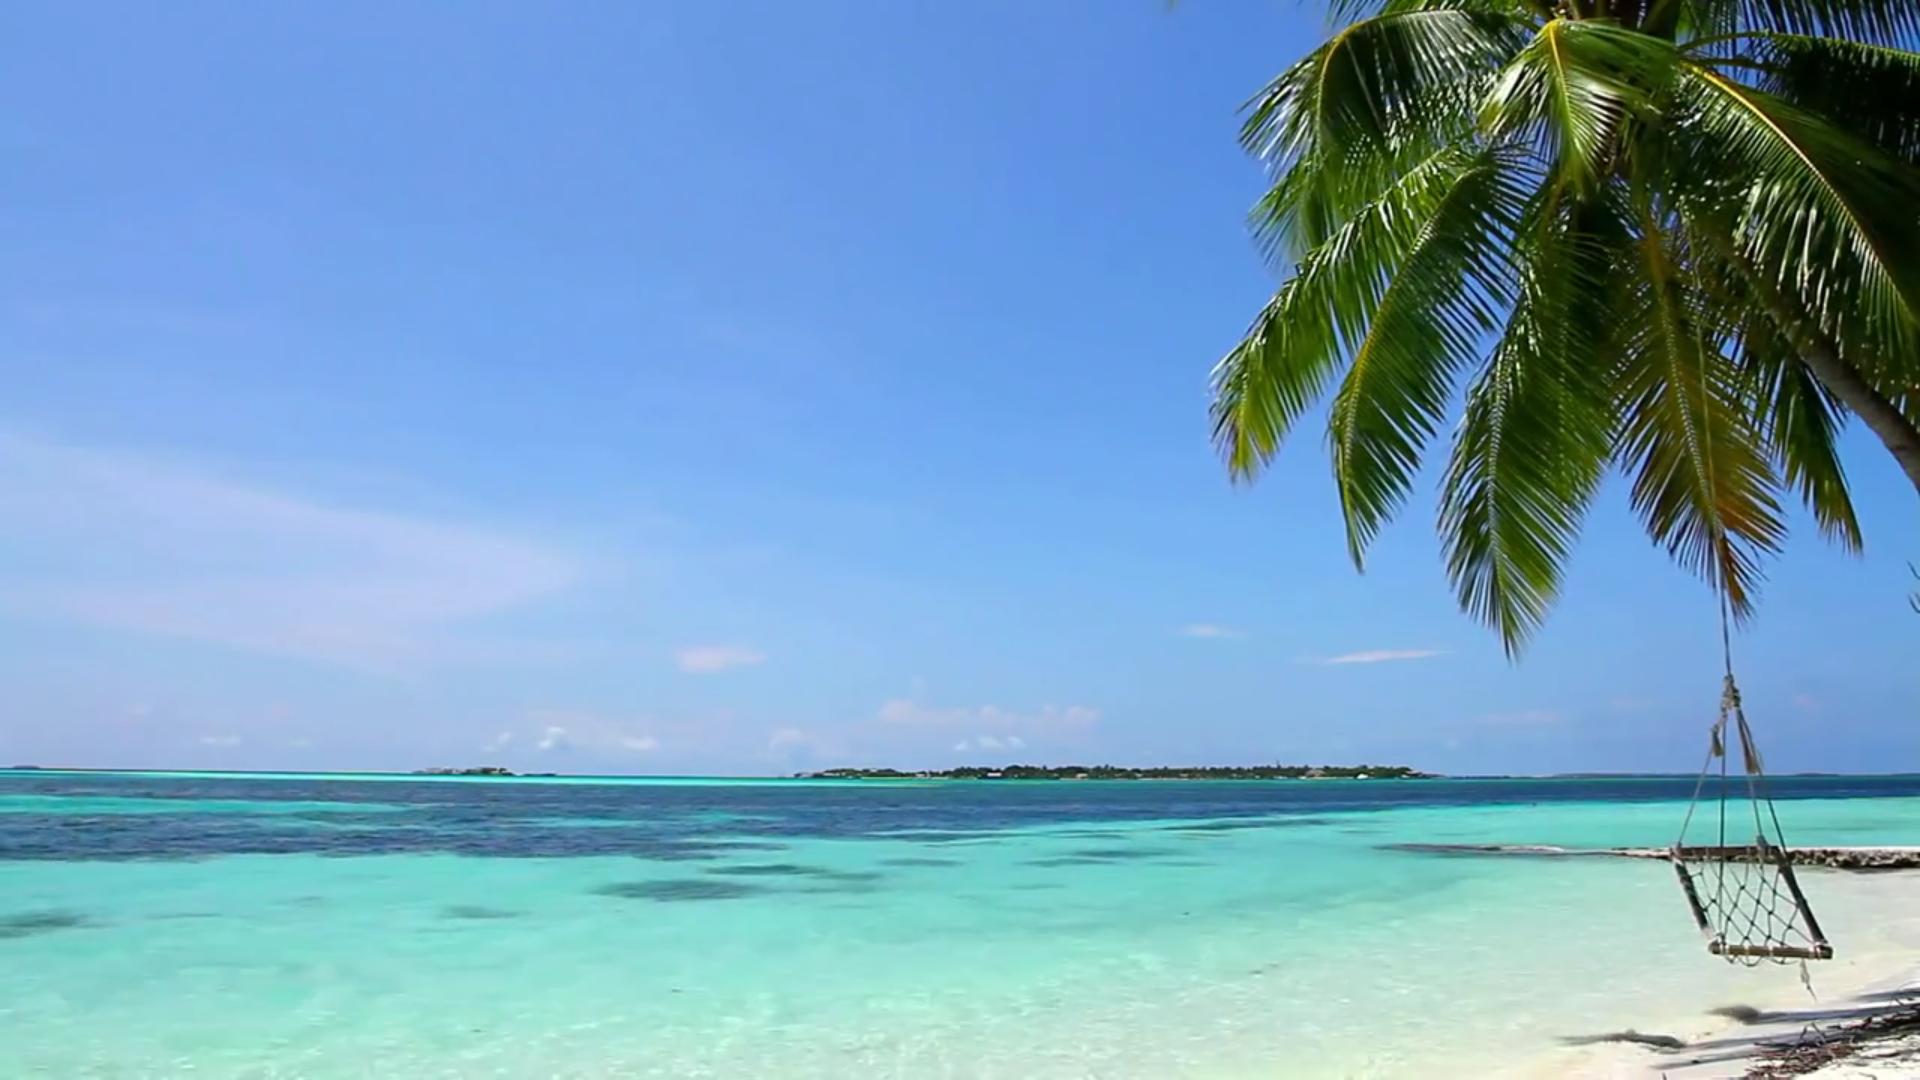 Relaxing Beach Videos — The best internet videos screenshot 2